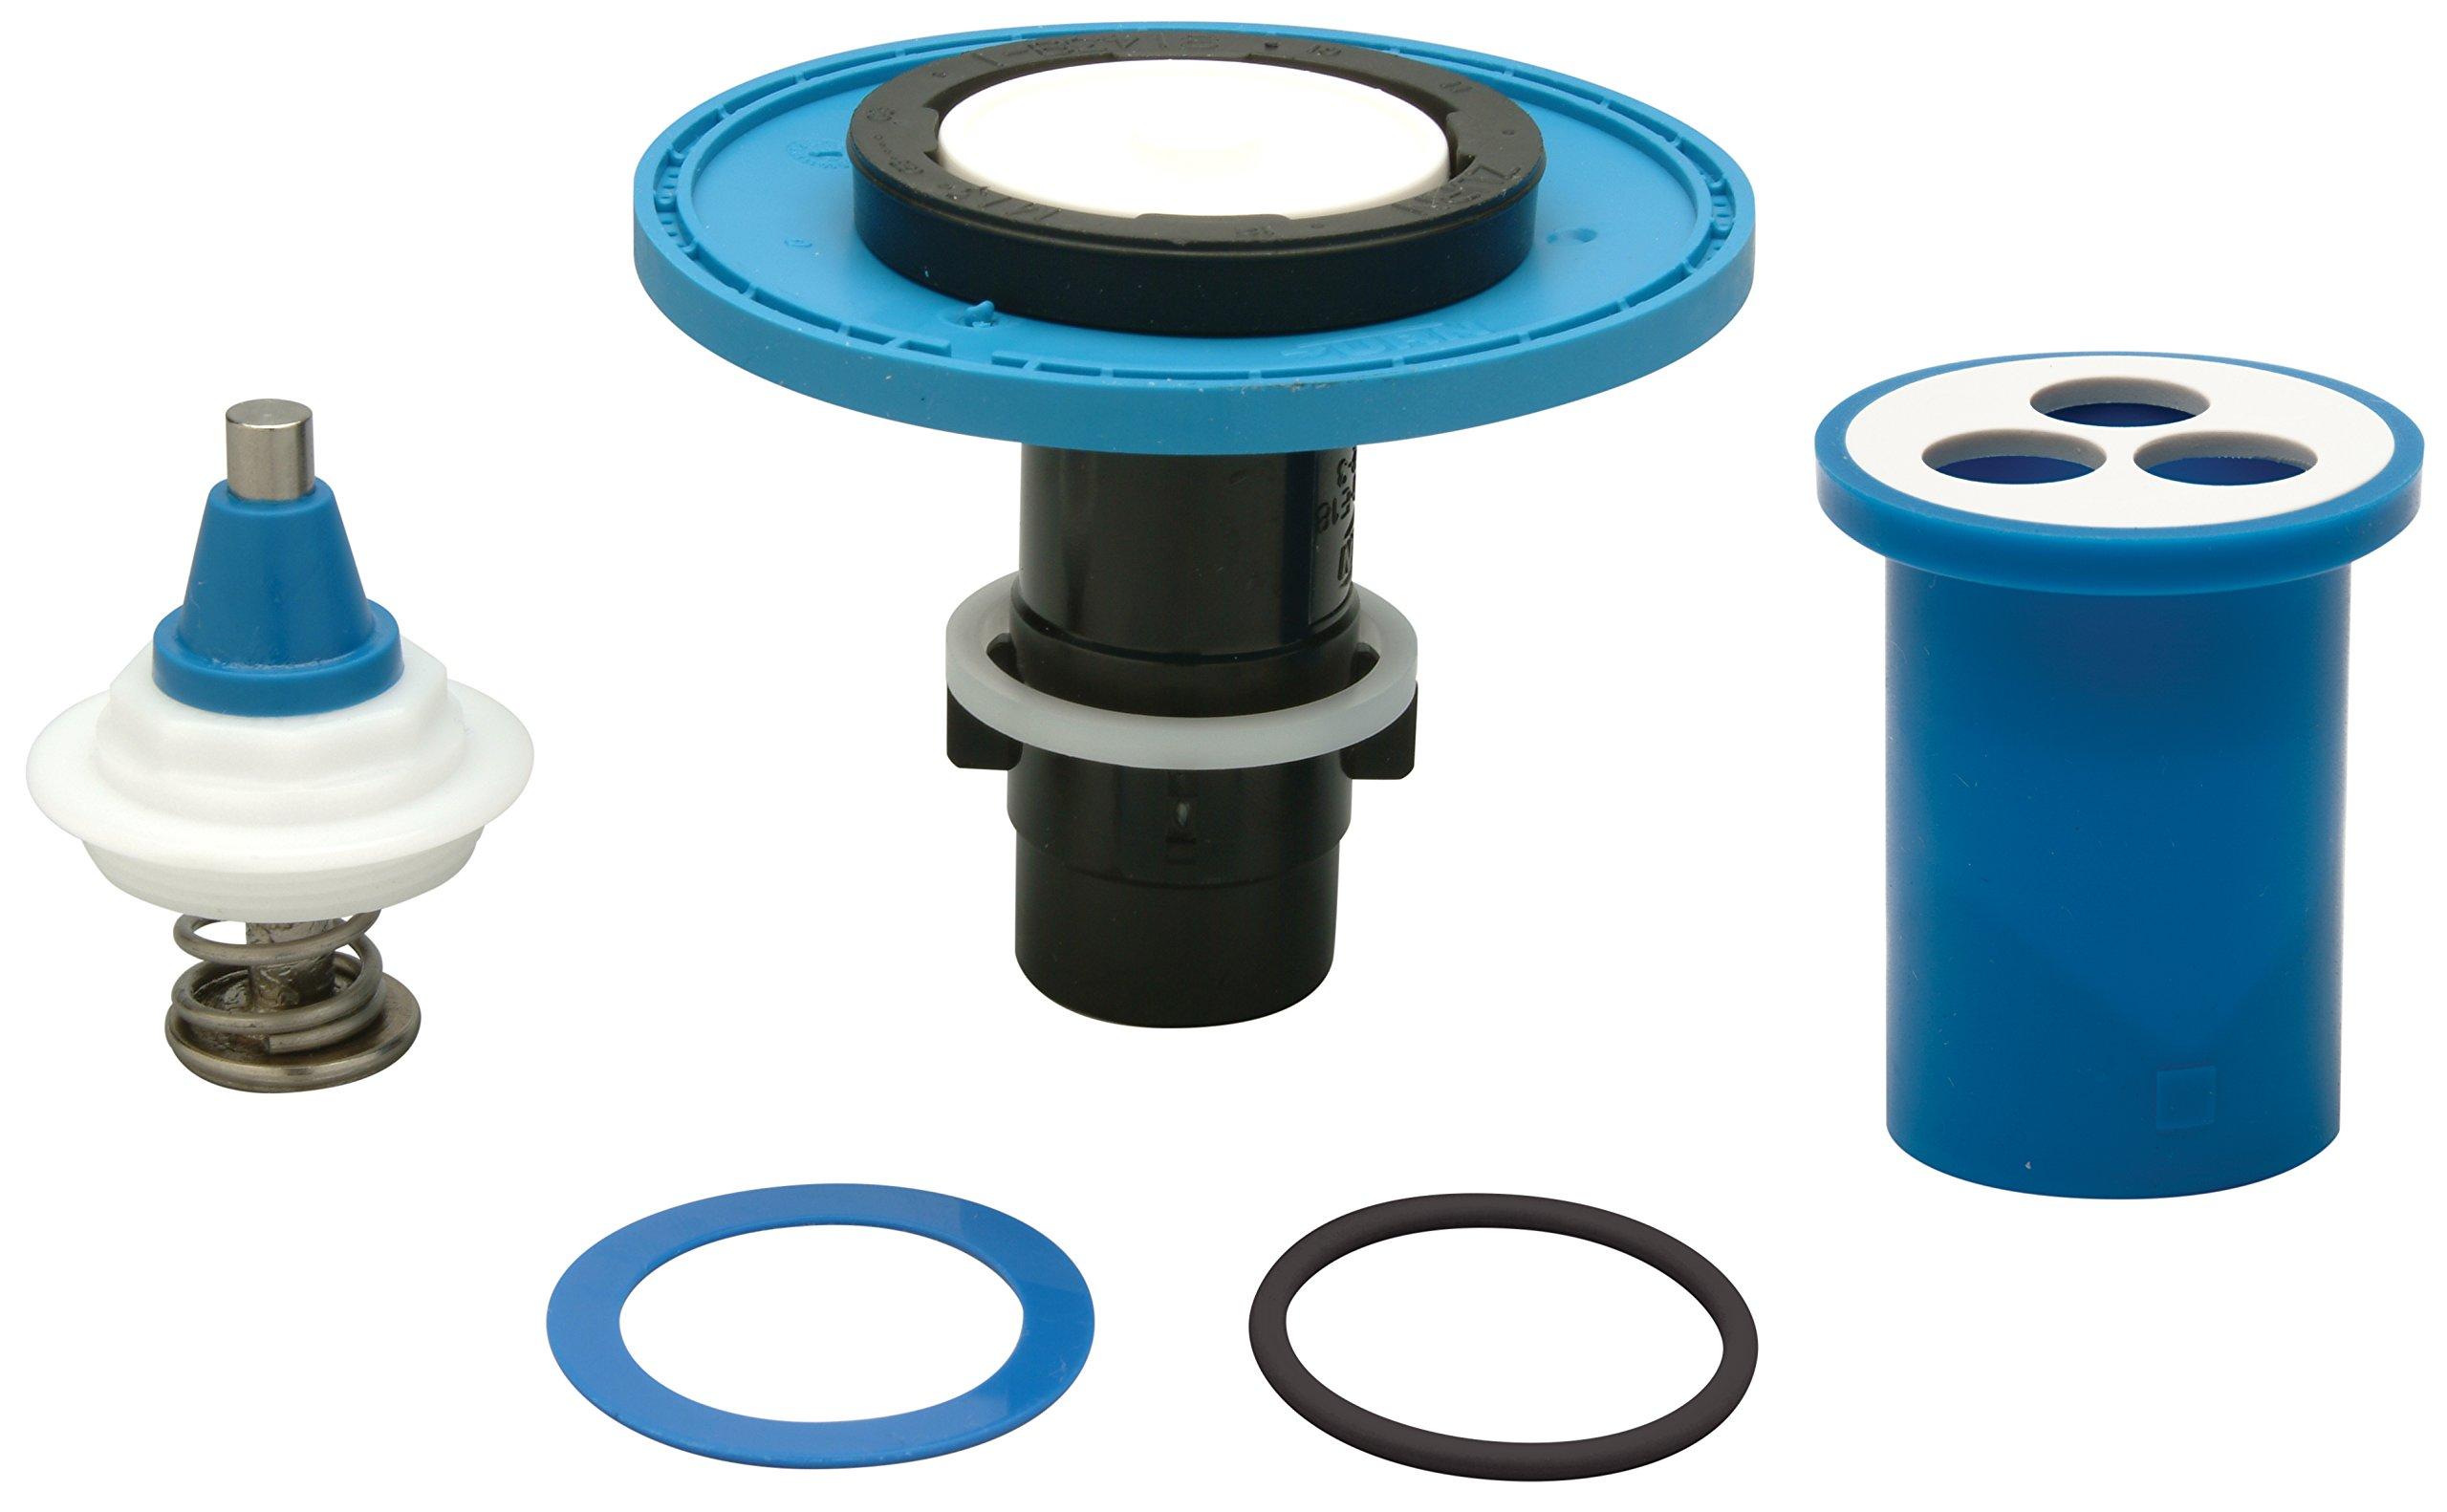 Zurn AquaVantage Closet Rebuild Kit, P6000-ECA-WS-RK, 3.5 gpf, Crosses To Sloan A-1102-A, Diaphragm Rebuild Kit